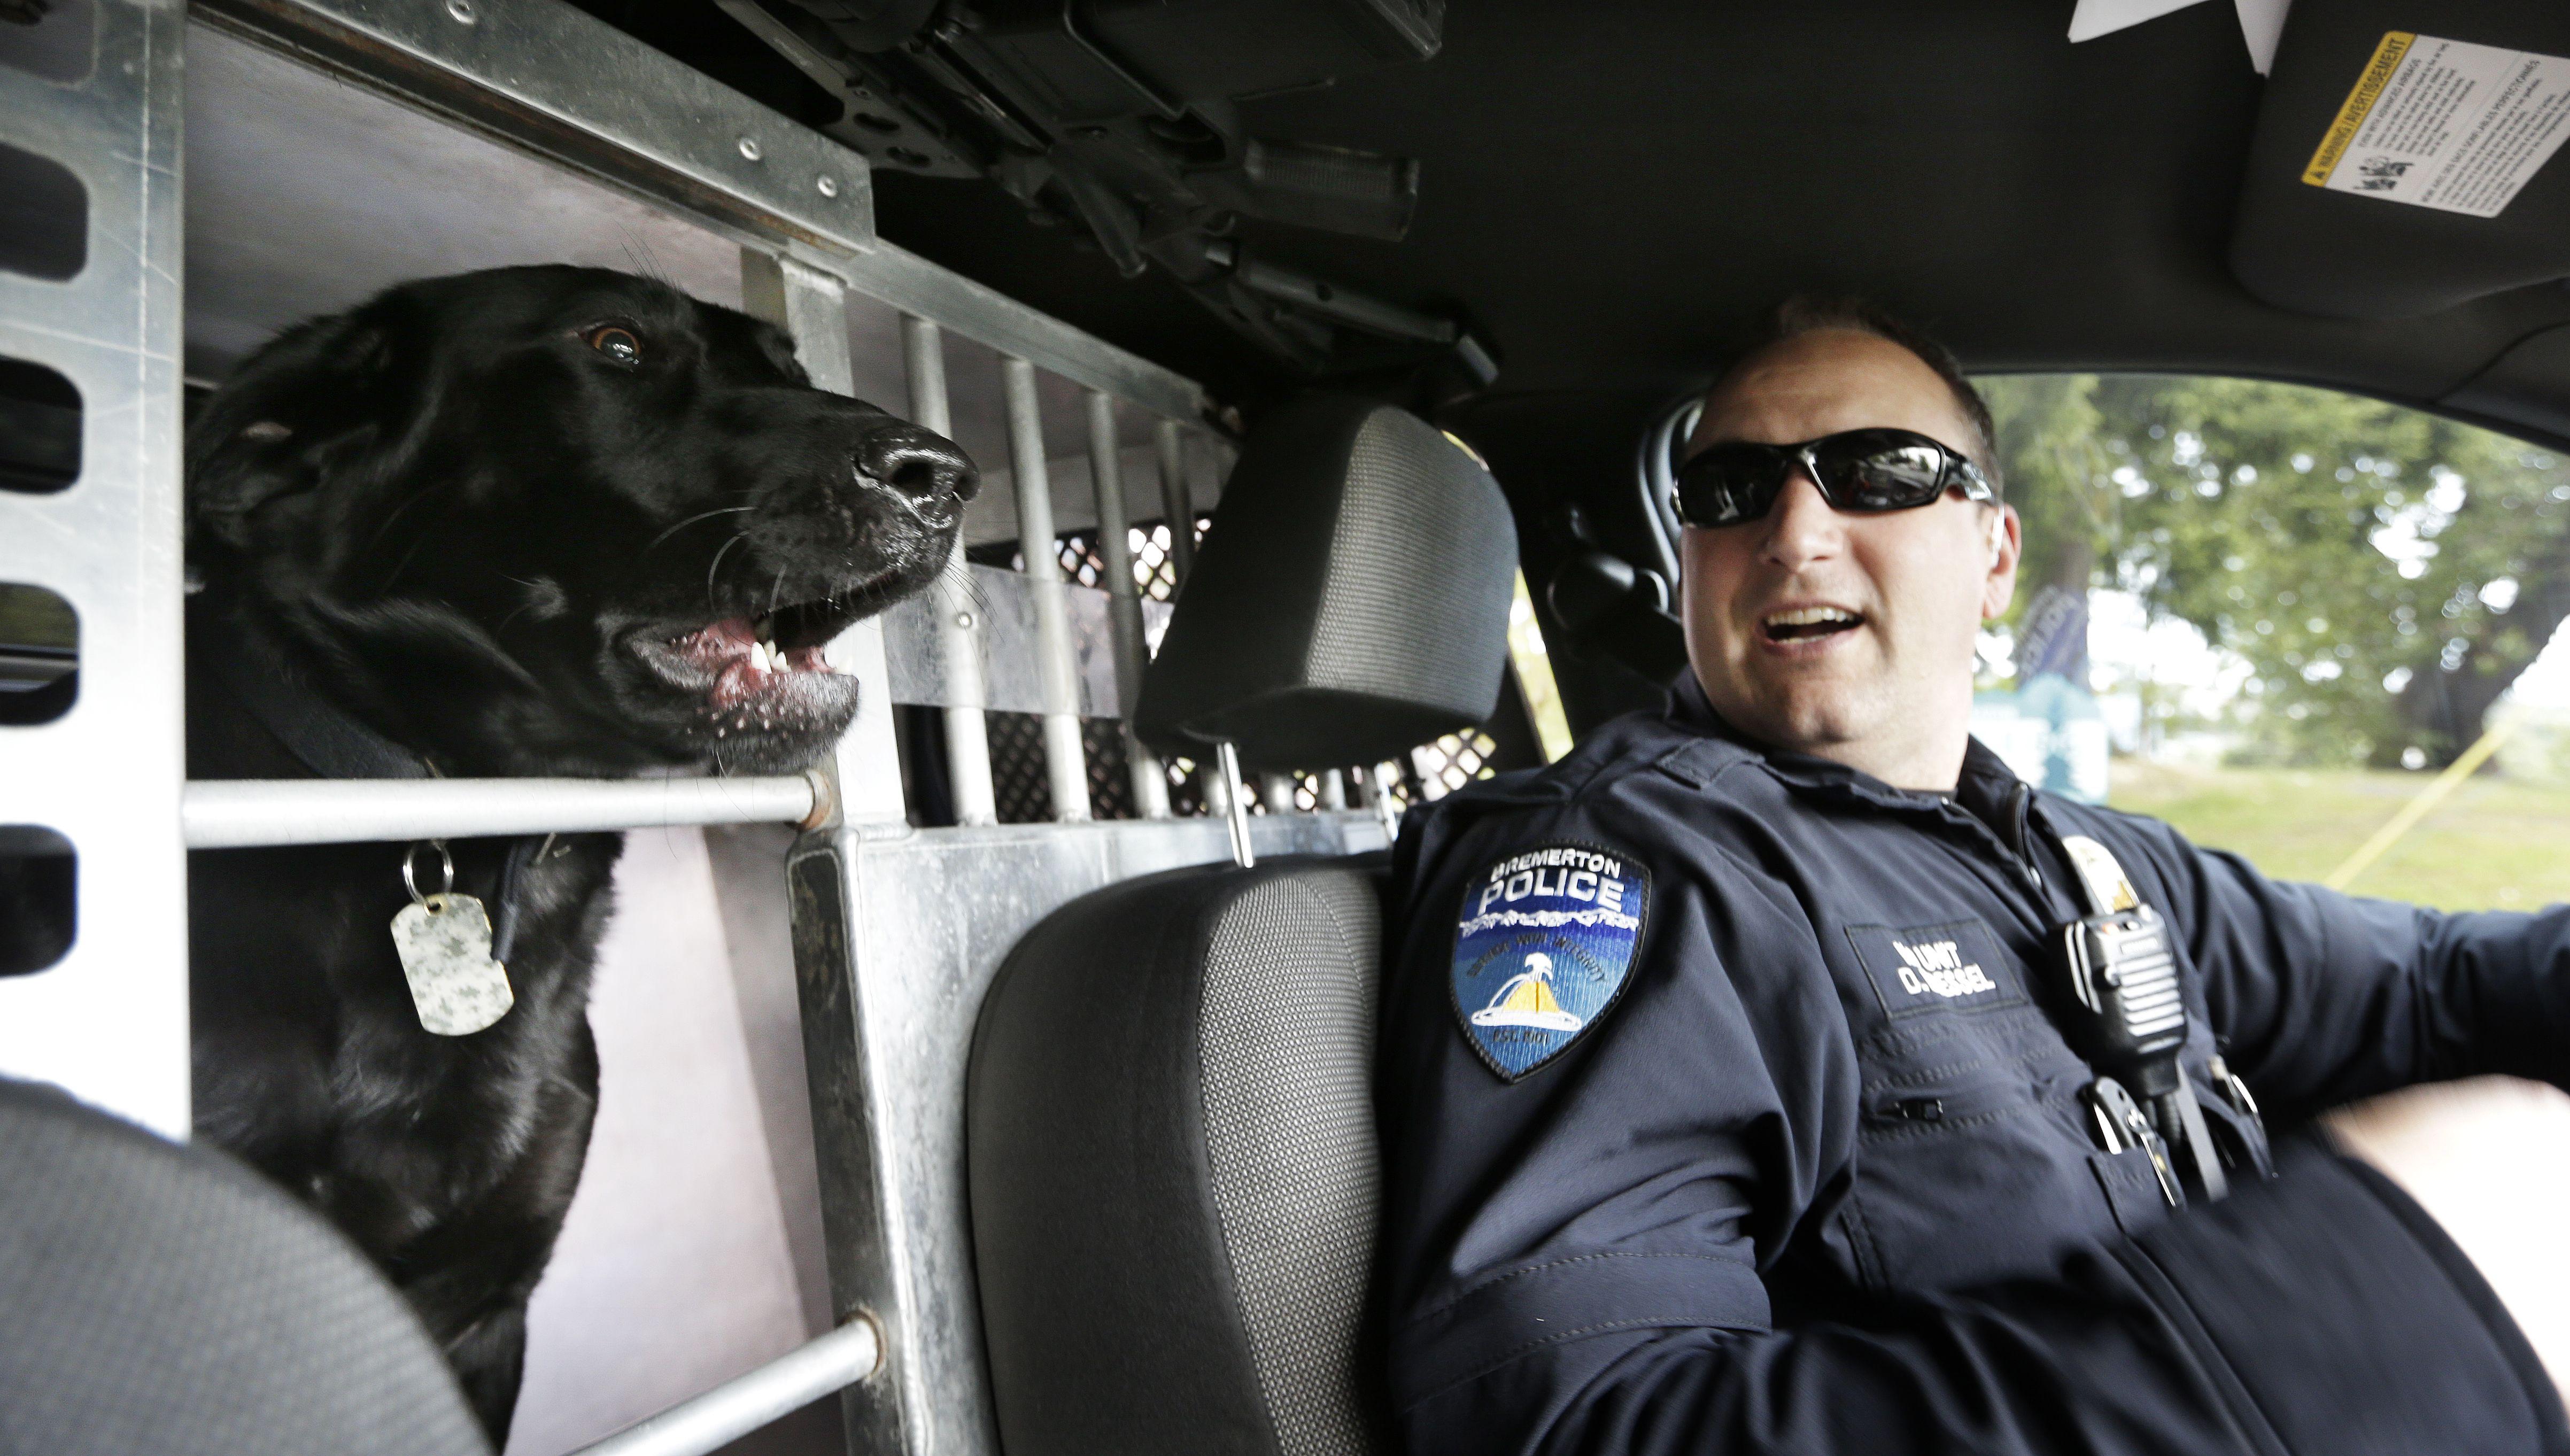 Drug sniffing #policedog